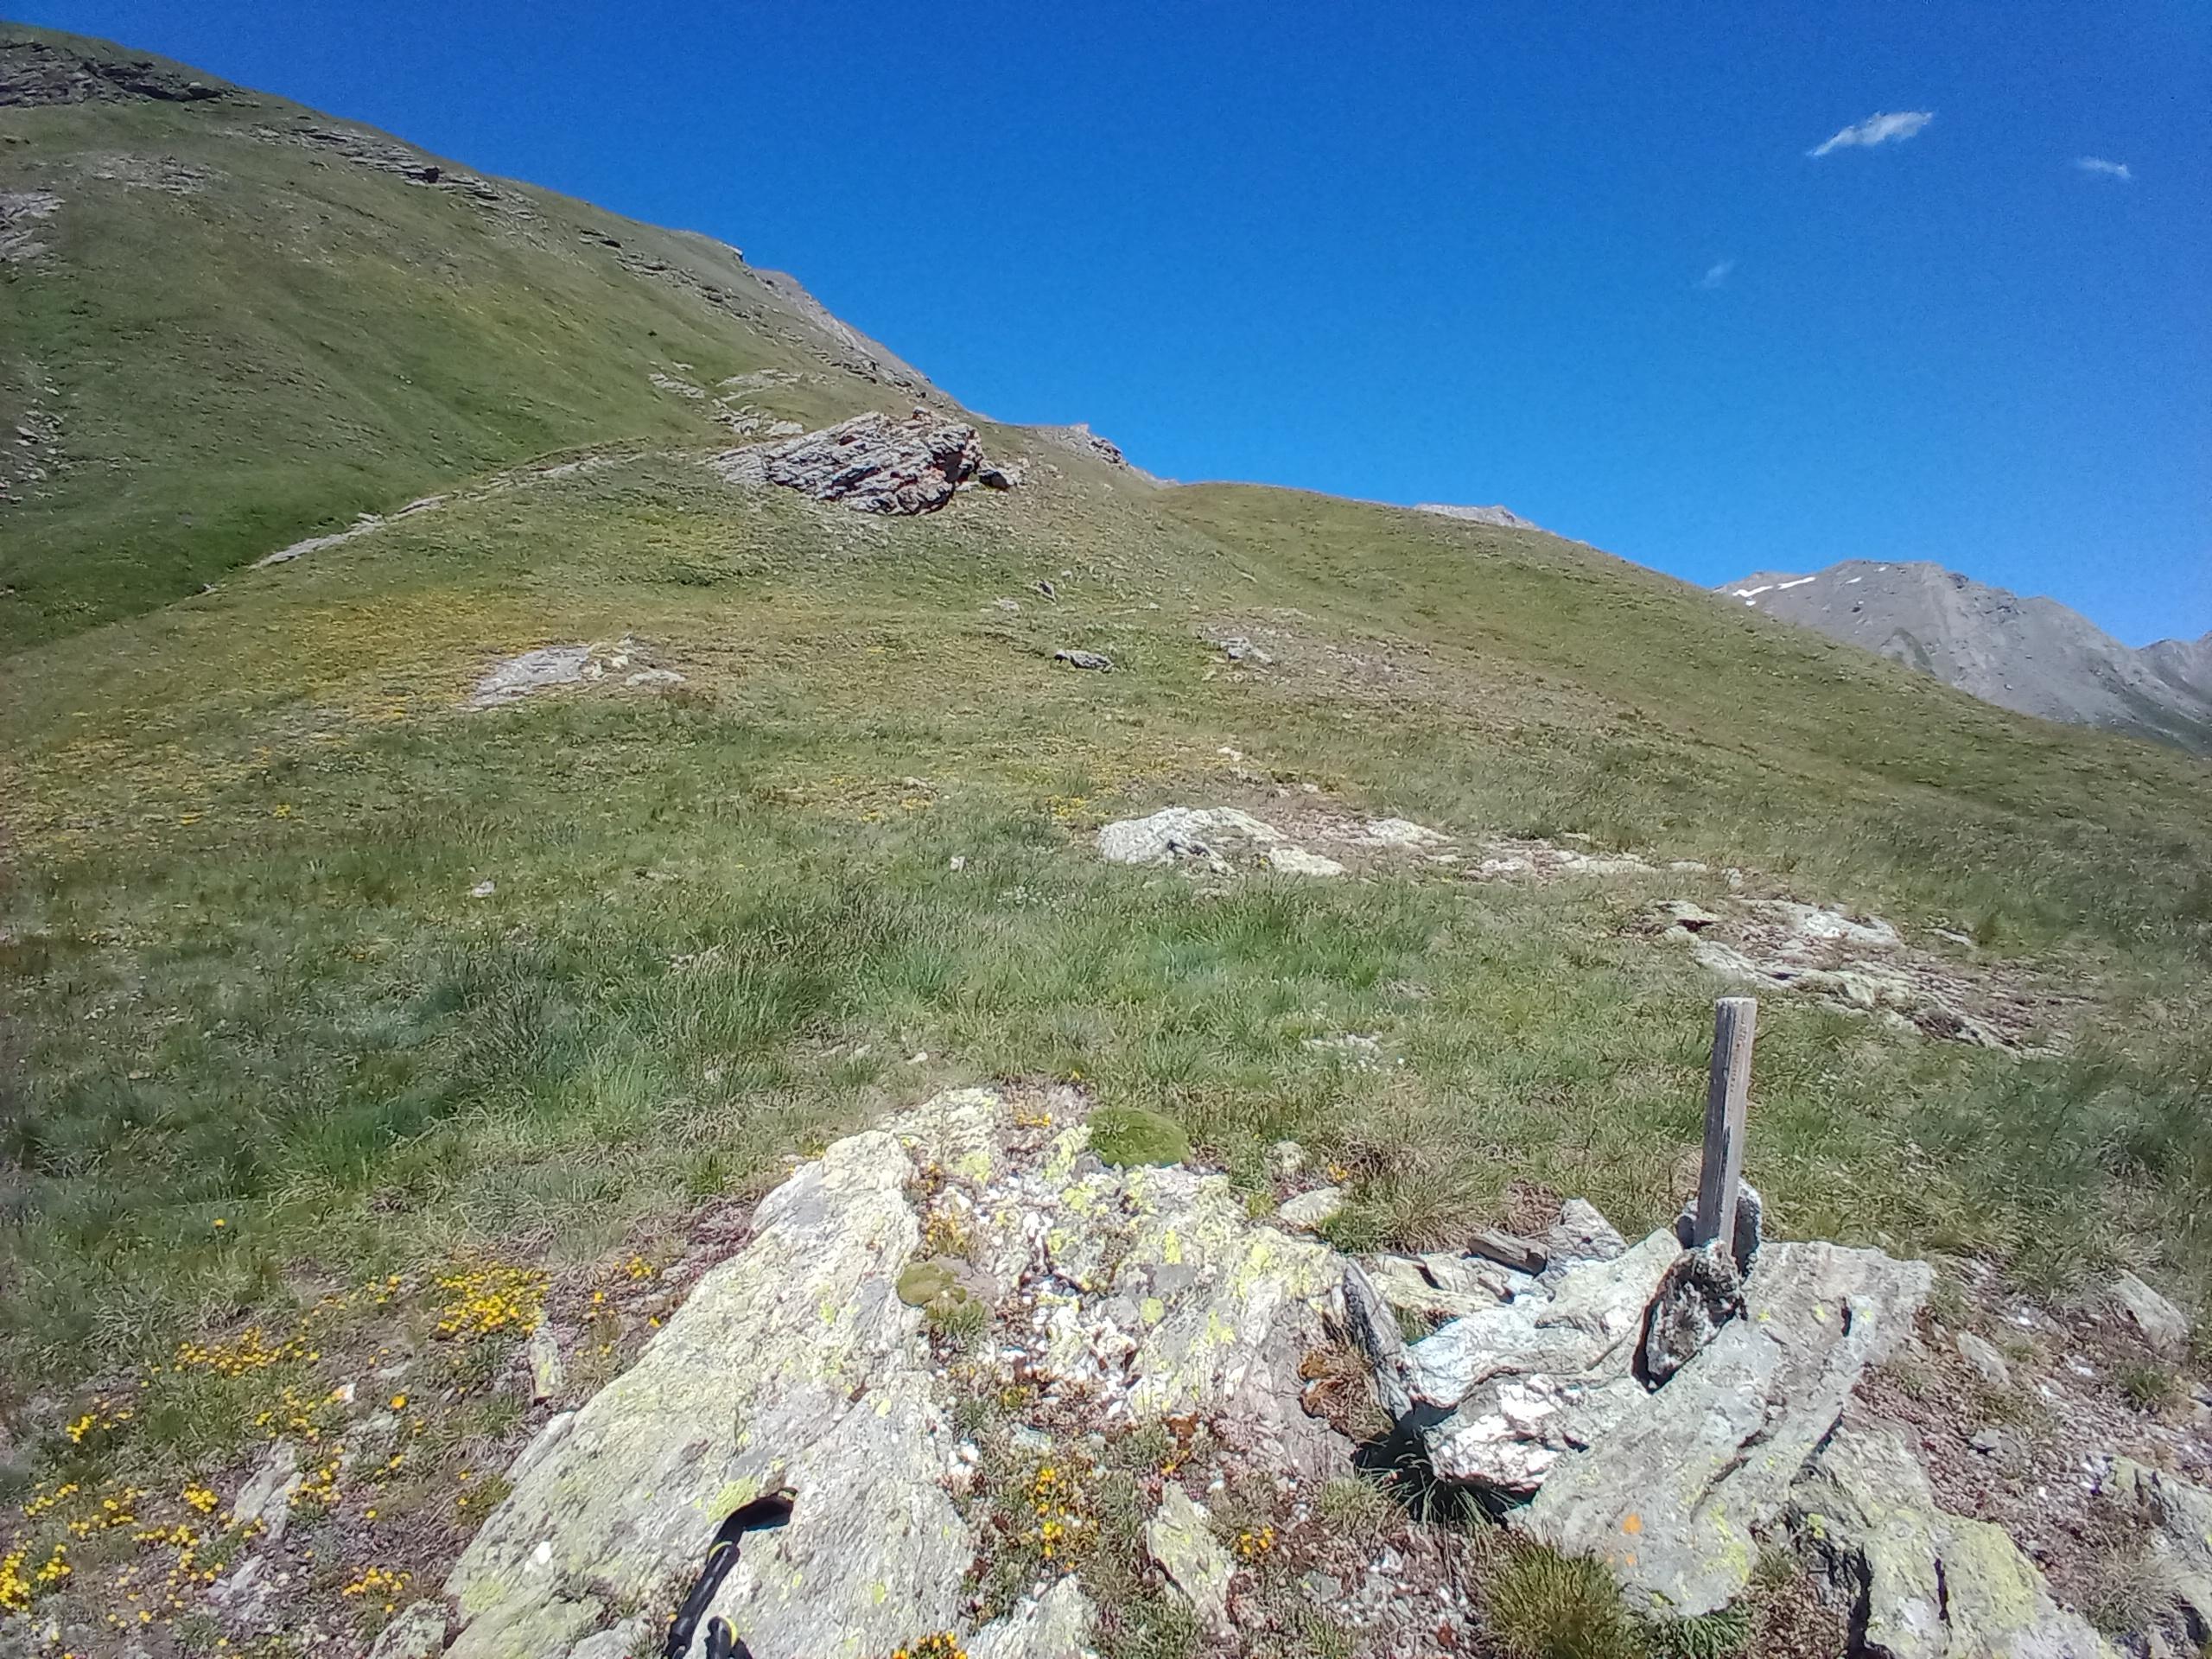 Segnavia da reperire per non sbagliare a scendere o salire dall'Alpe Plane (no sentiero)